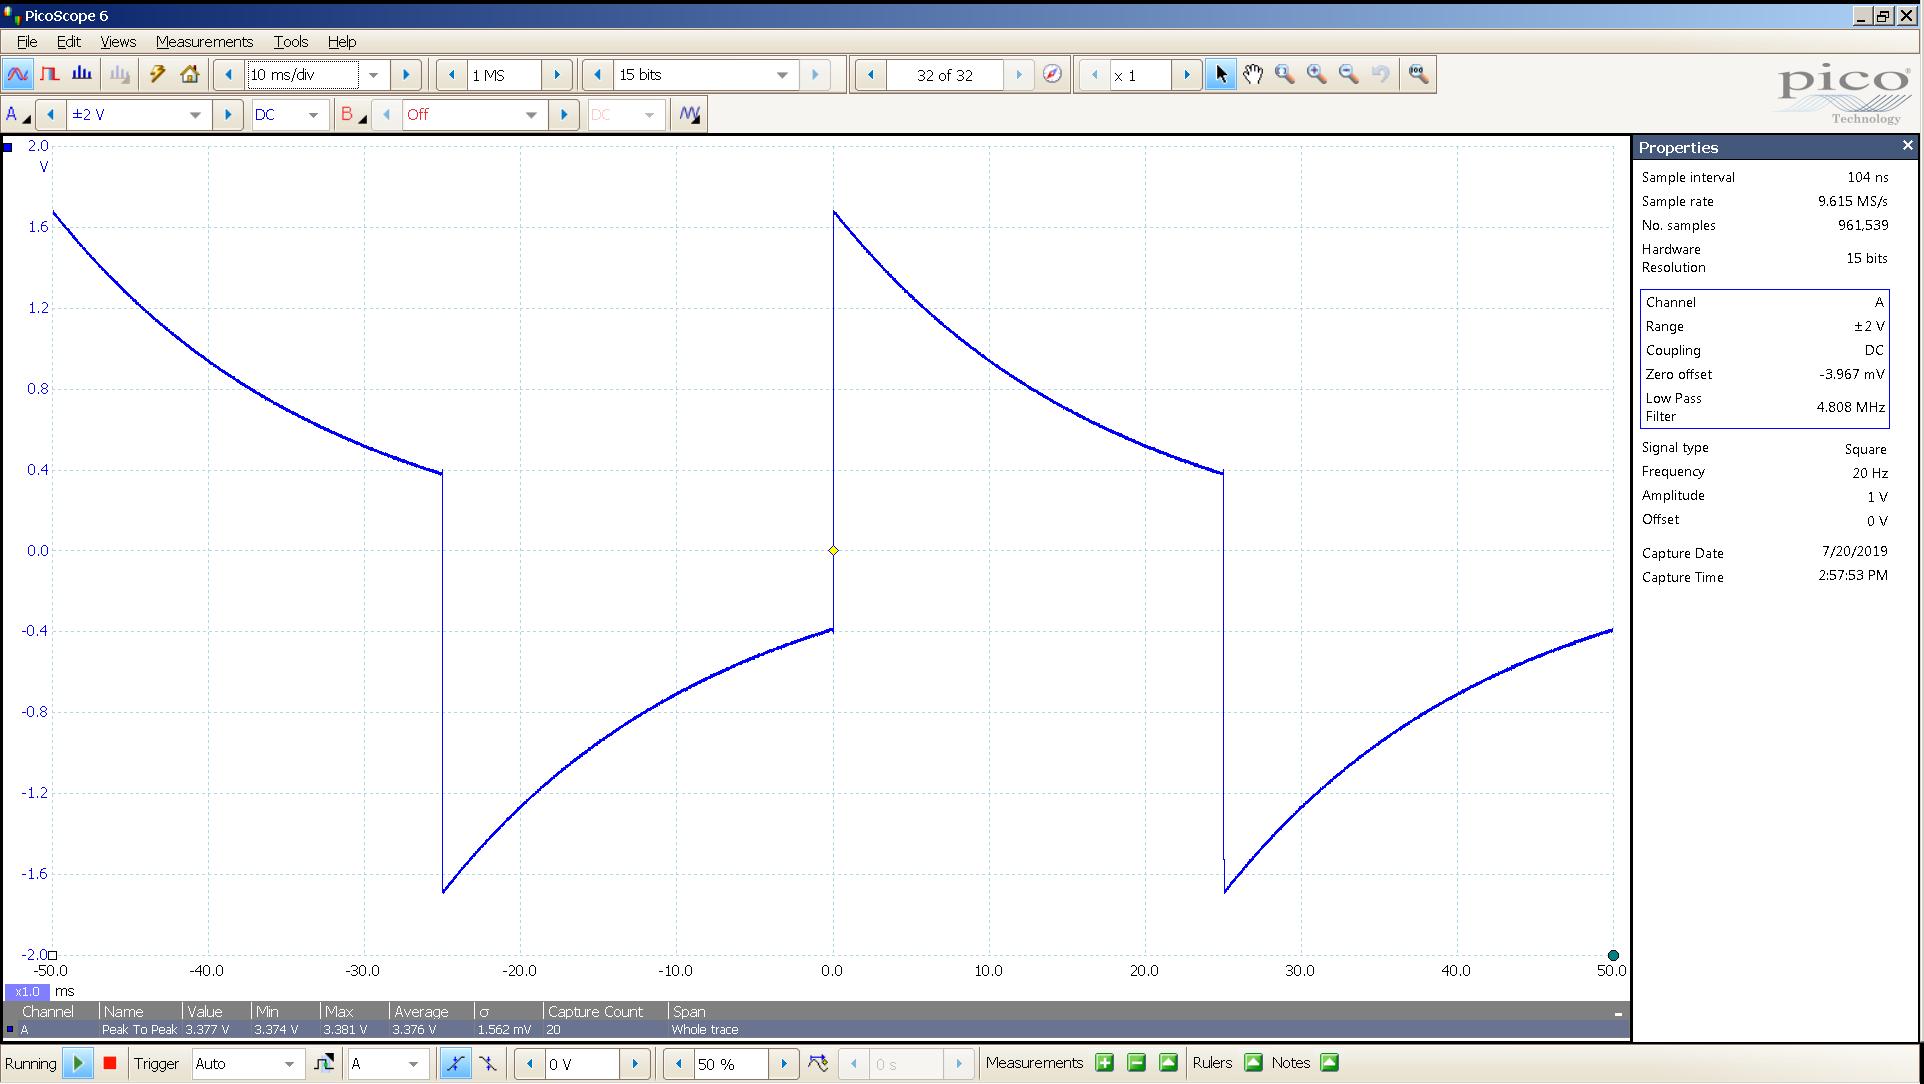 20190720 SigGen T4 Mullard CV4024 20 Hz square 2000mVpp 10mS div 5MHz filter 30R.png